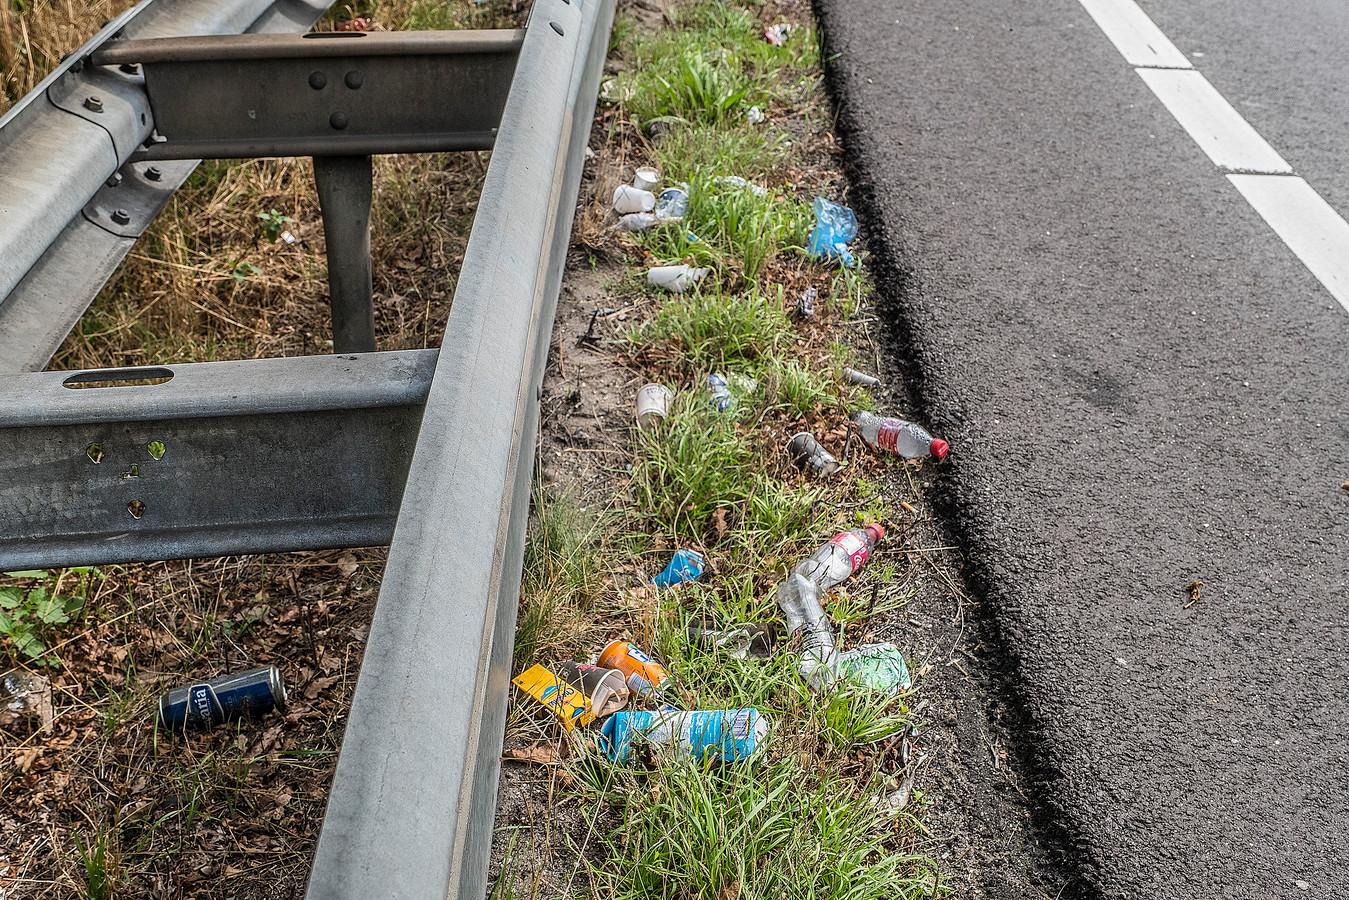 Bij de afrit van de A77 bij Heijen ligt enorm veel zwerfafval in de berm. Alles wat iedereen maar uit de auto gooit. Rijkswaterstaat is begonnen met opruimen en heeft alleen in de ochtend al 4 vuilniszakken vol.